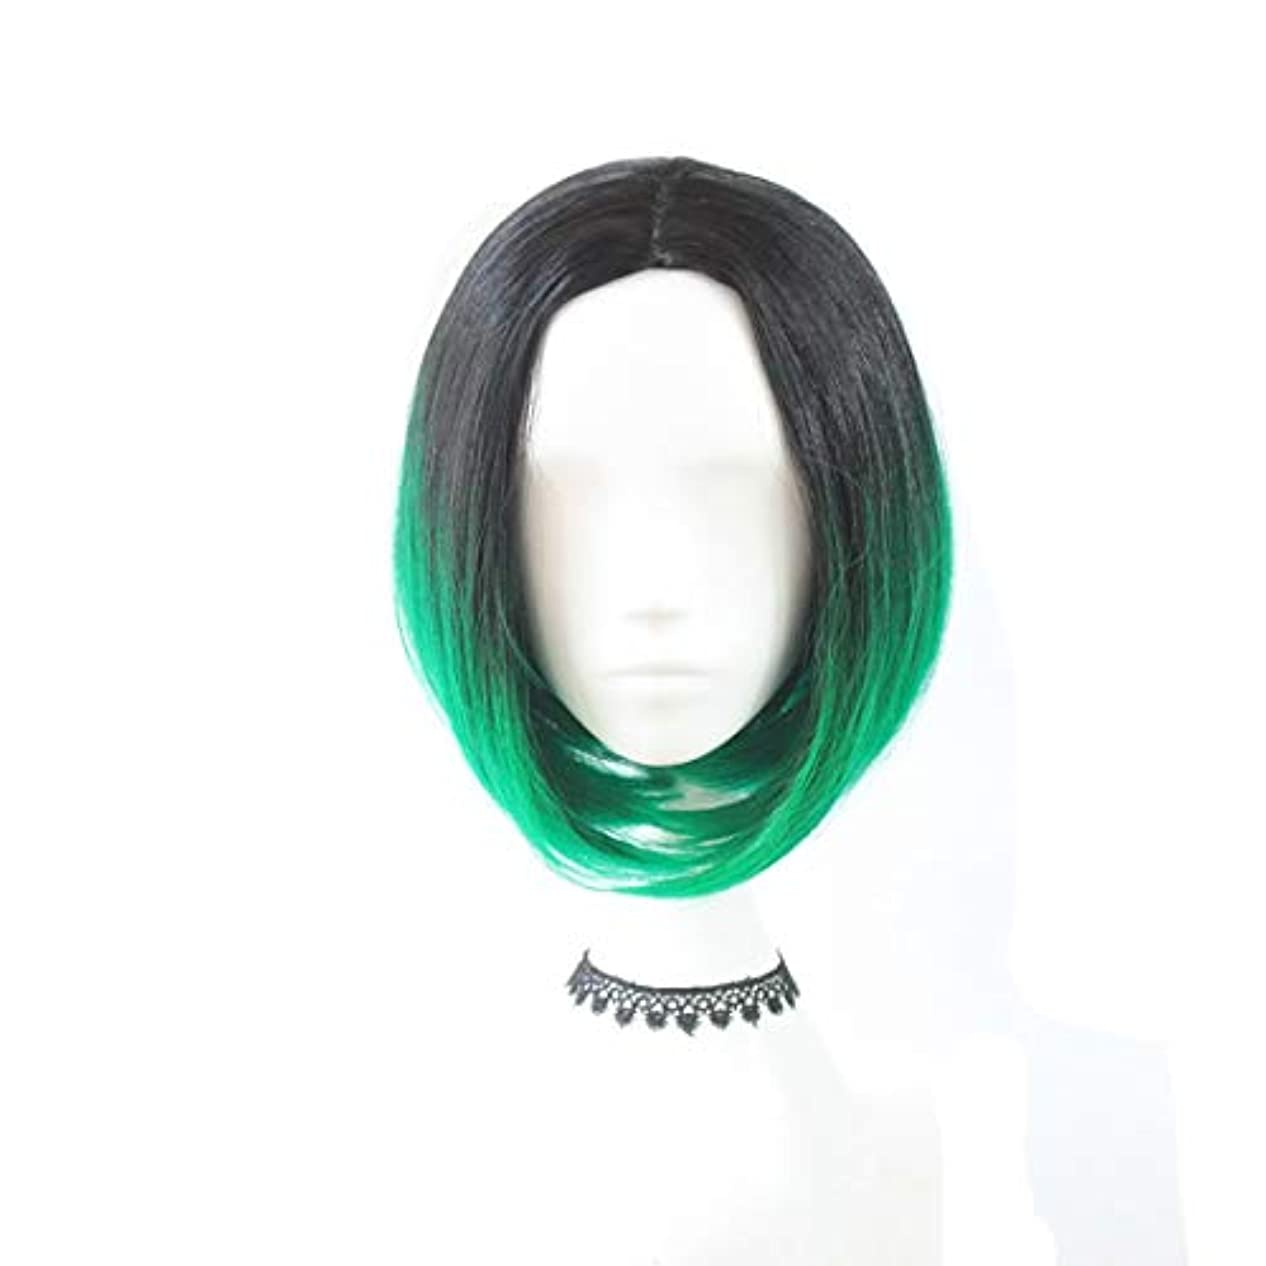 刺すであることデクリメントYOUQIU 女性の自然なウィッグショートストレートBOB髪のグラデーションの色ウィッグCOSウィッグウィッグ (色 : オレンジ)